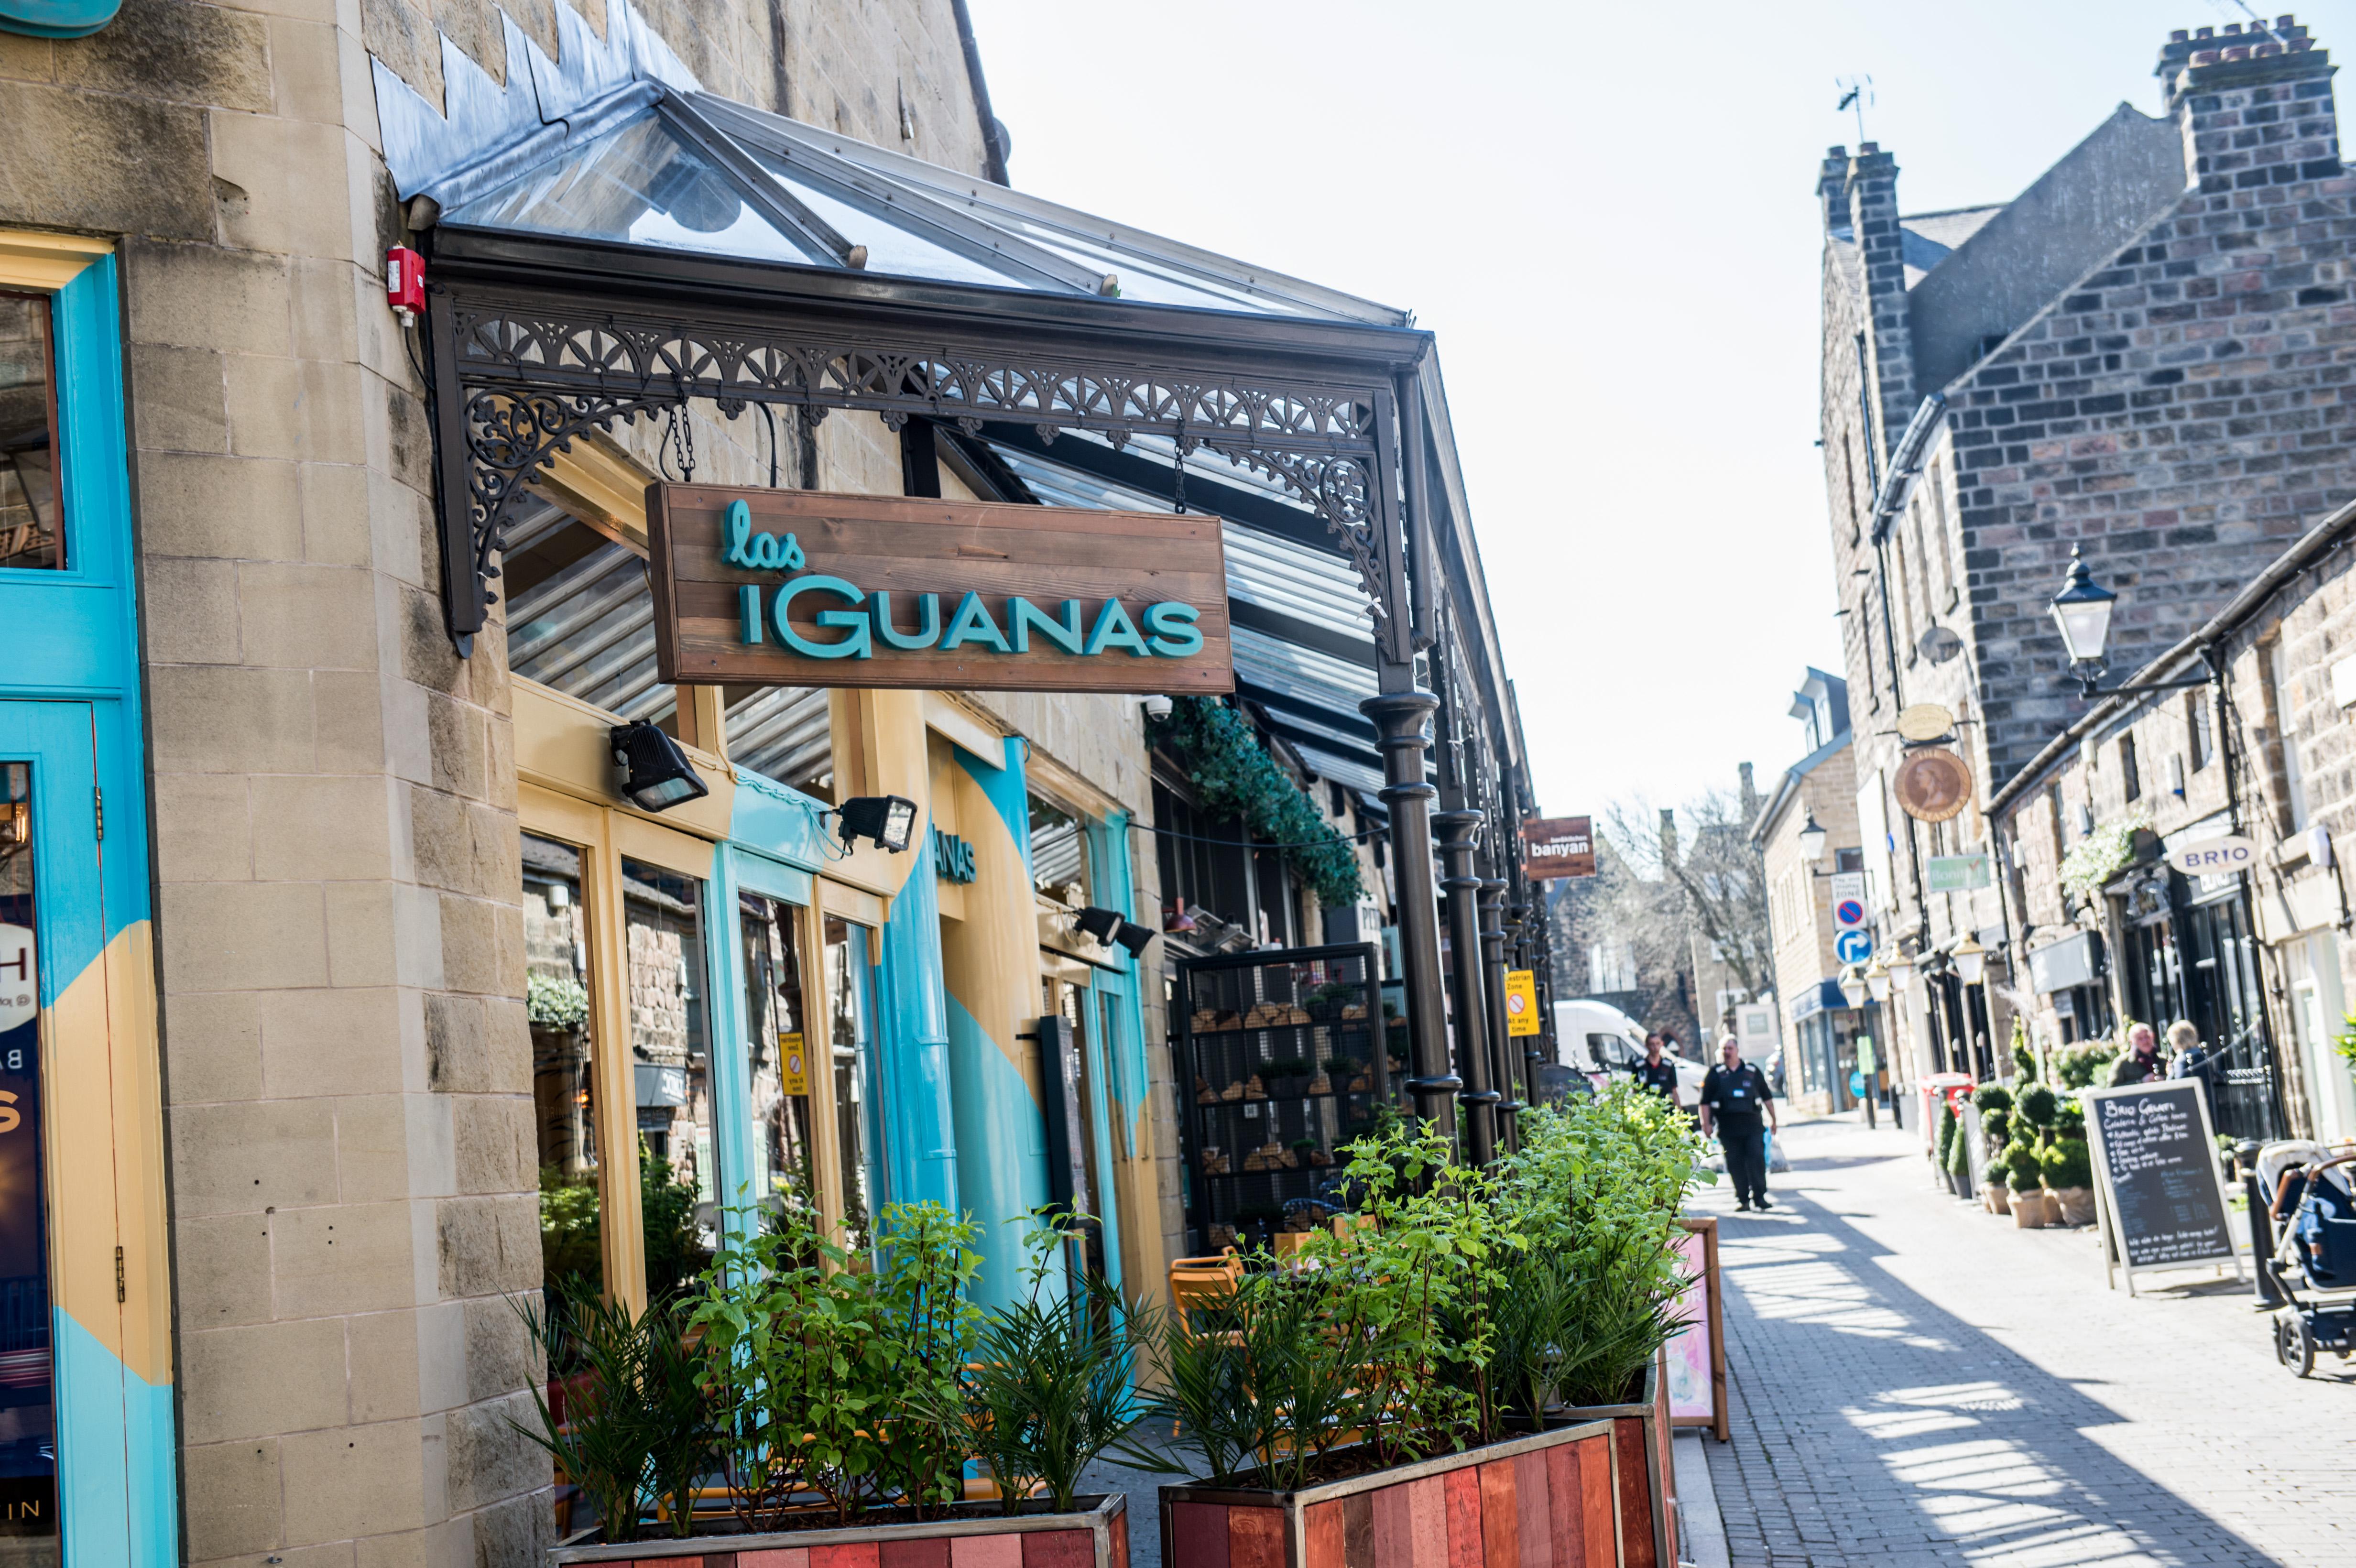 las_iguanas_1